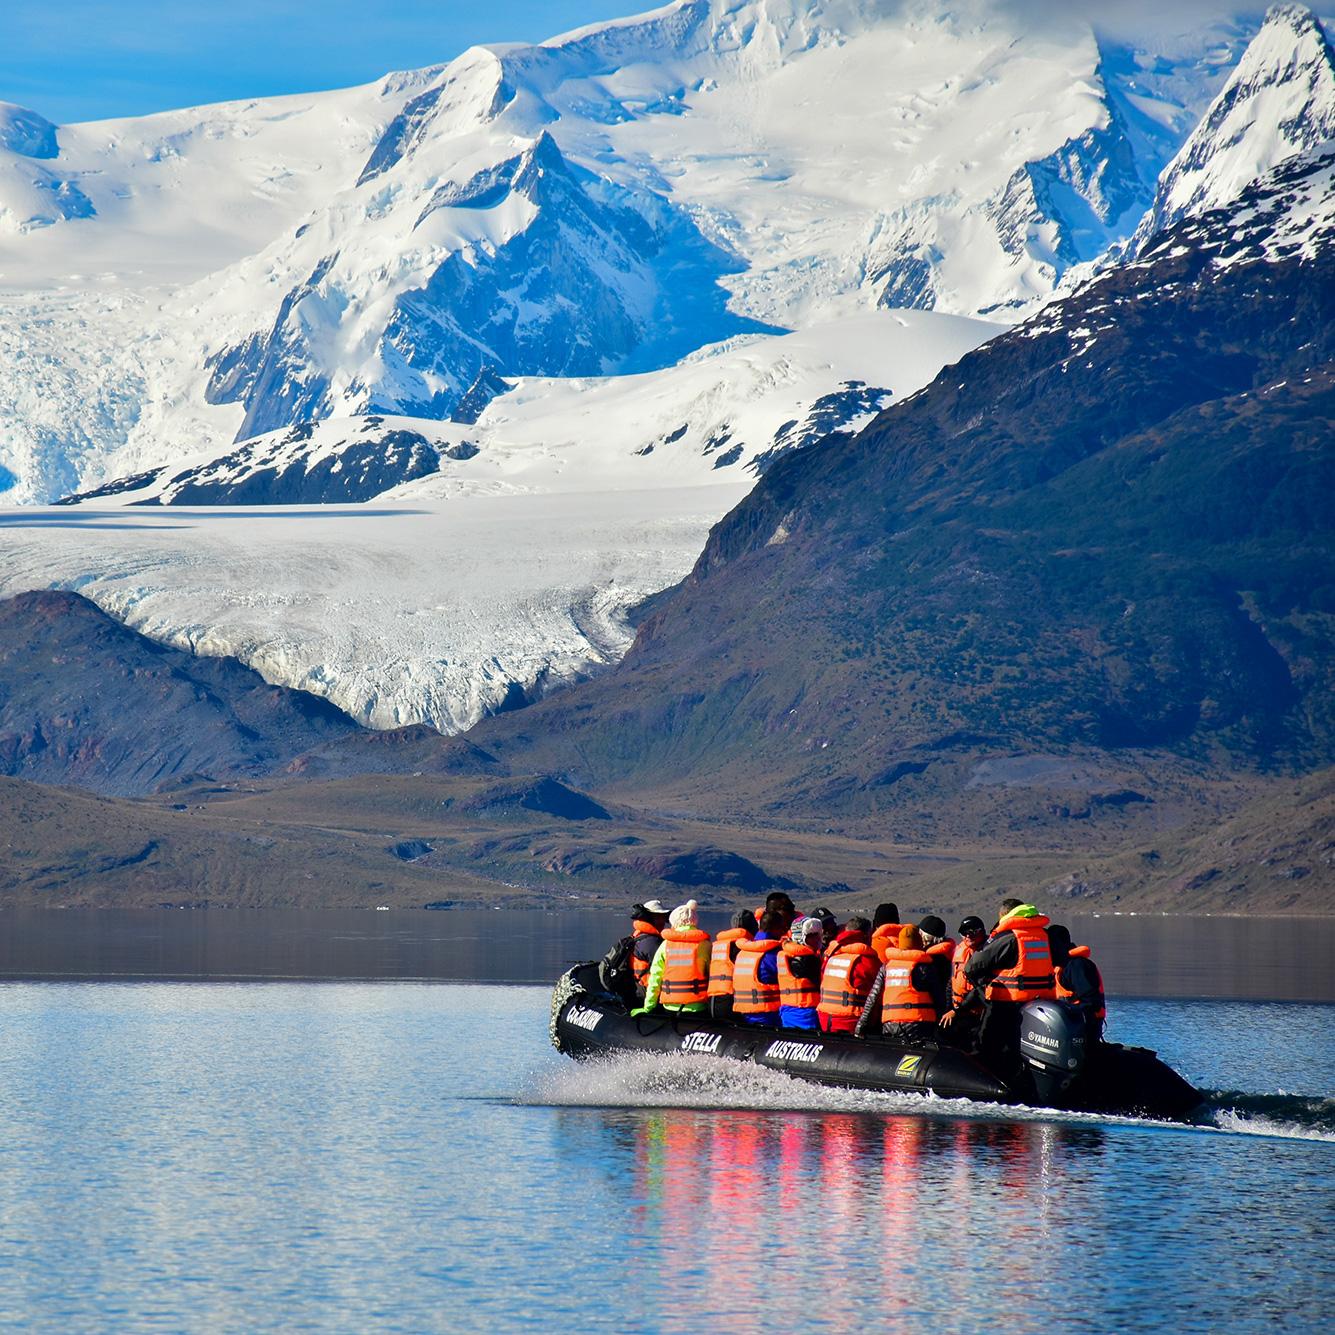 Viaje a medida: Crucero: Exploradores de la Patagonia - Ushuaia - Punta Arenas-Argentina